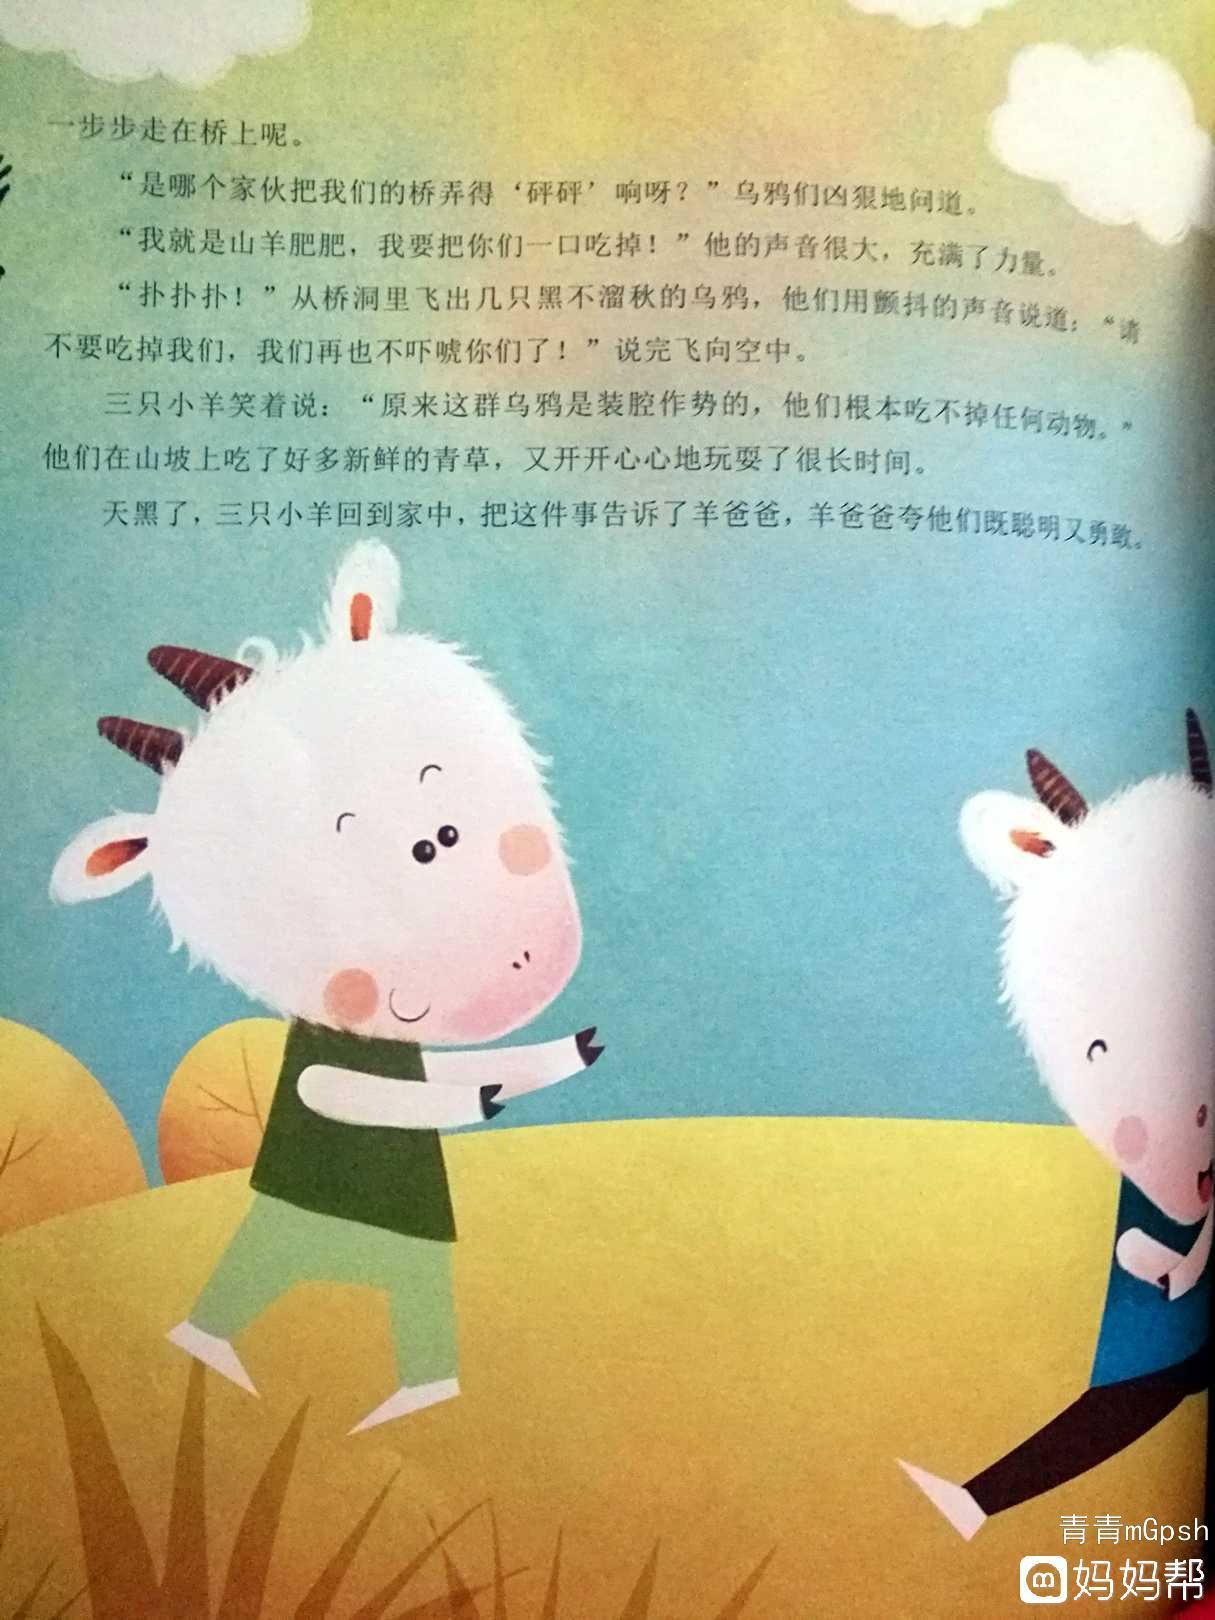 小羊过桥的故事图片